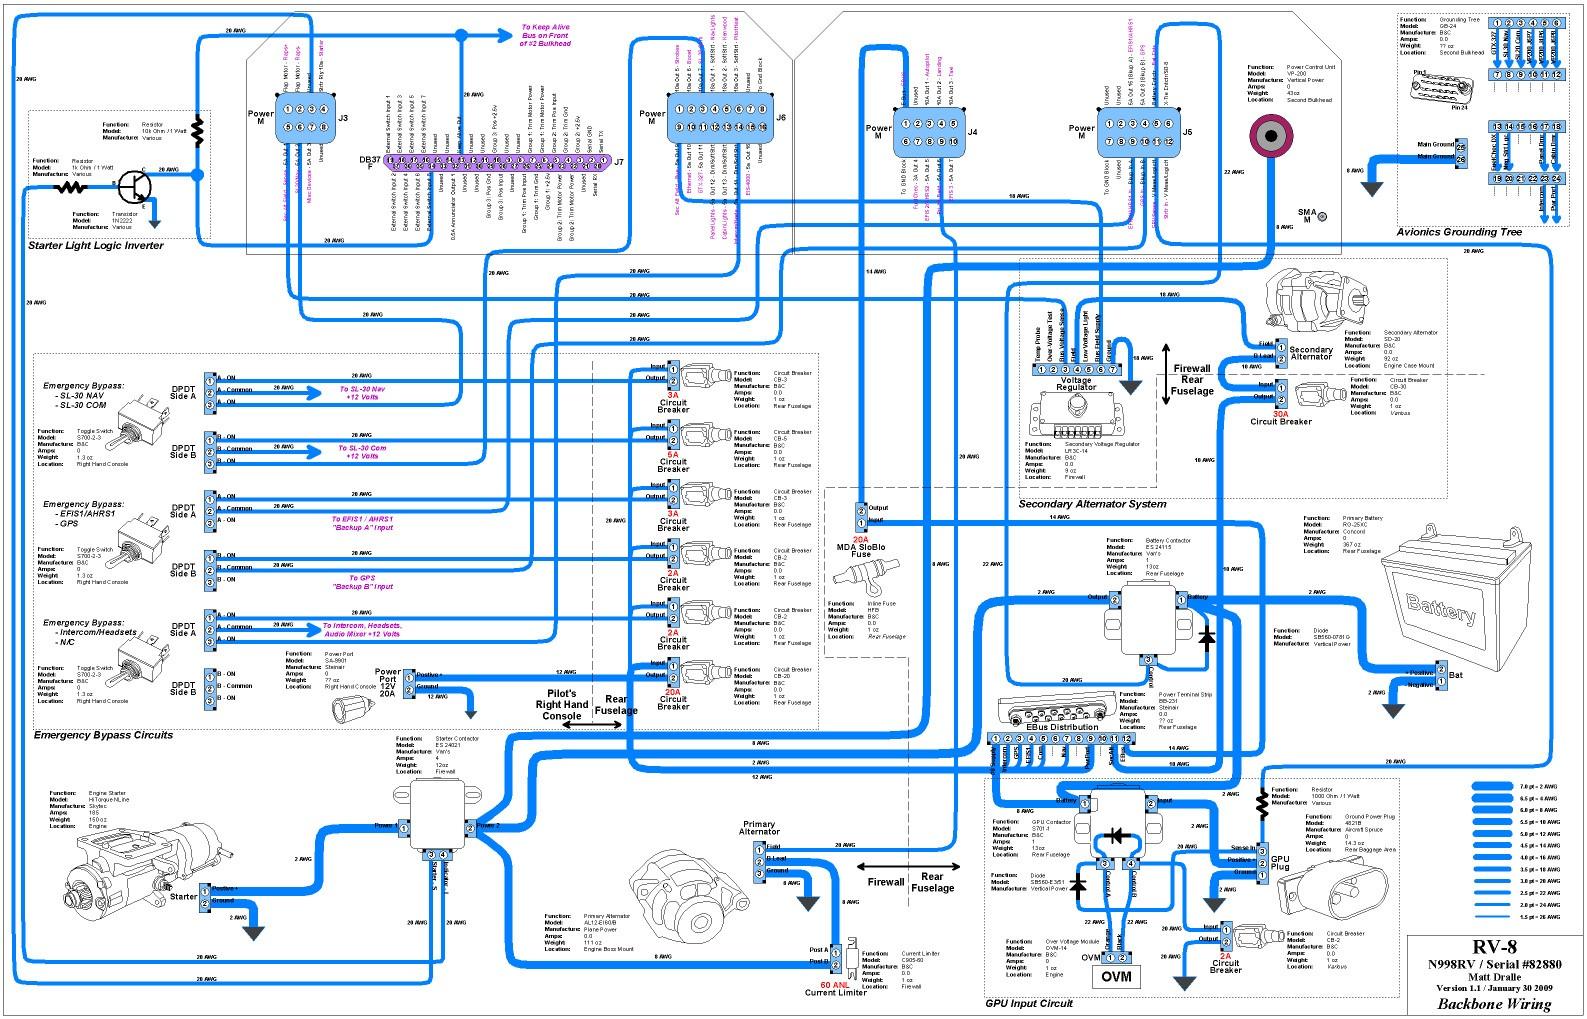 travel trailer wiring diagram best of wiring diagram image van camper wiring schematic wiring diagrams rv camper wiring diagram basic rv wiring schematic rv schematic wiring diagram